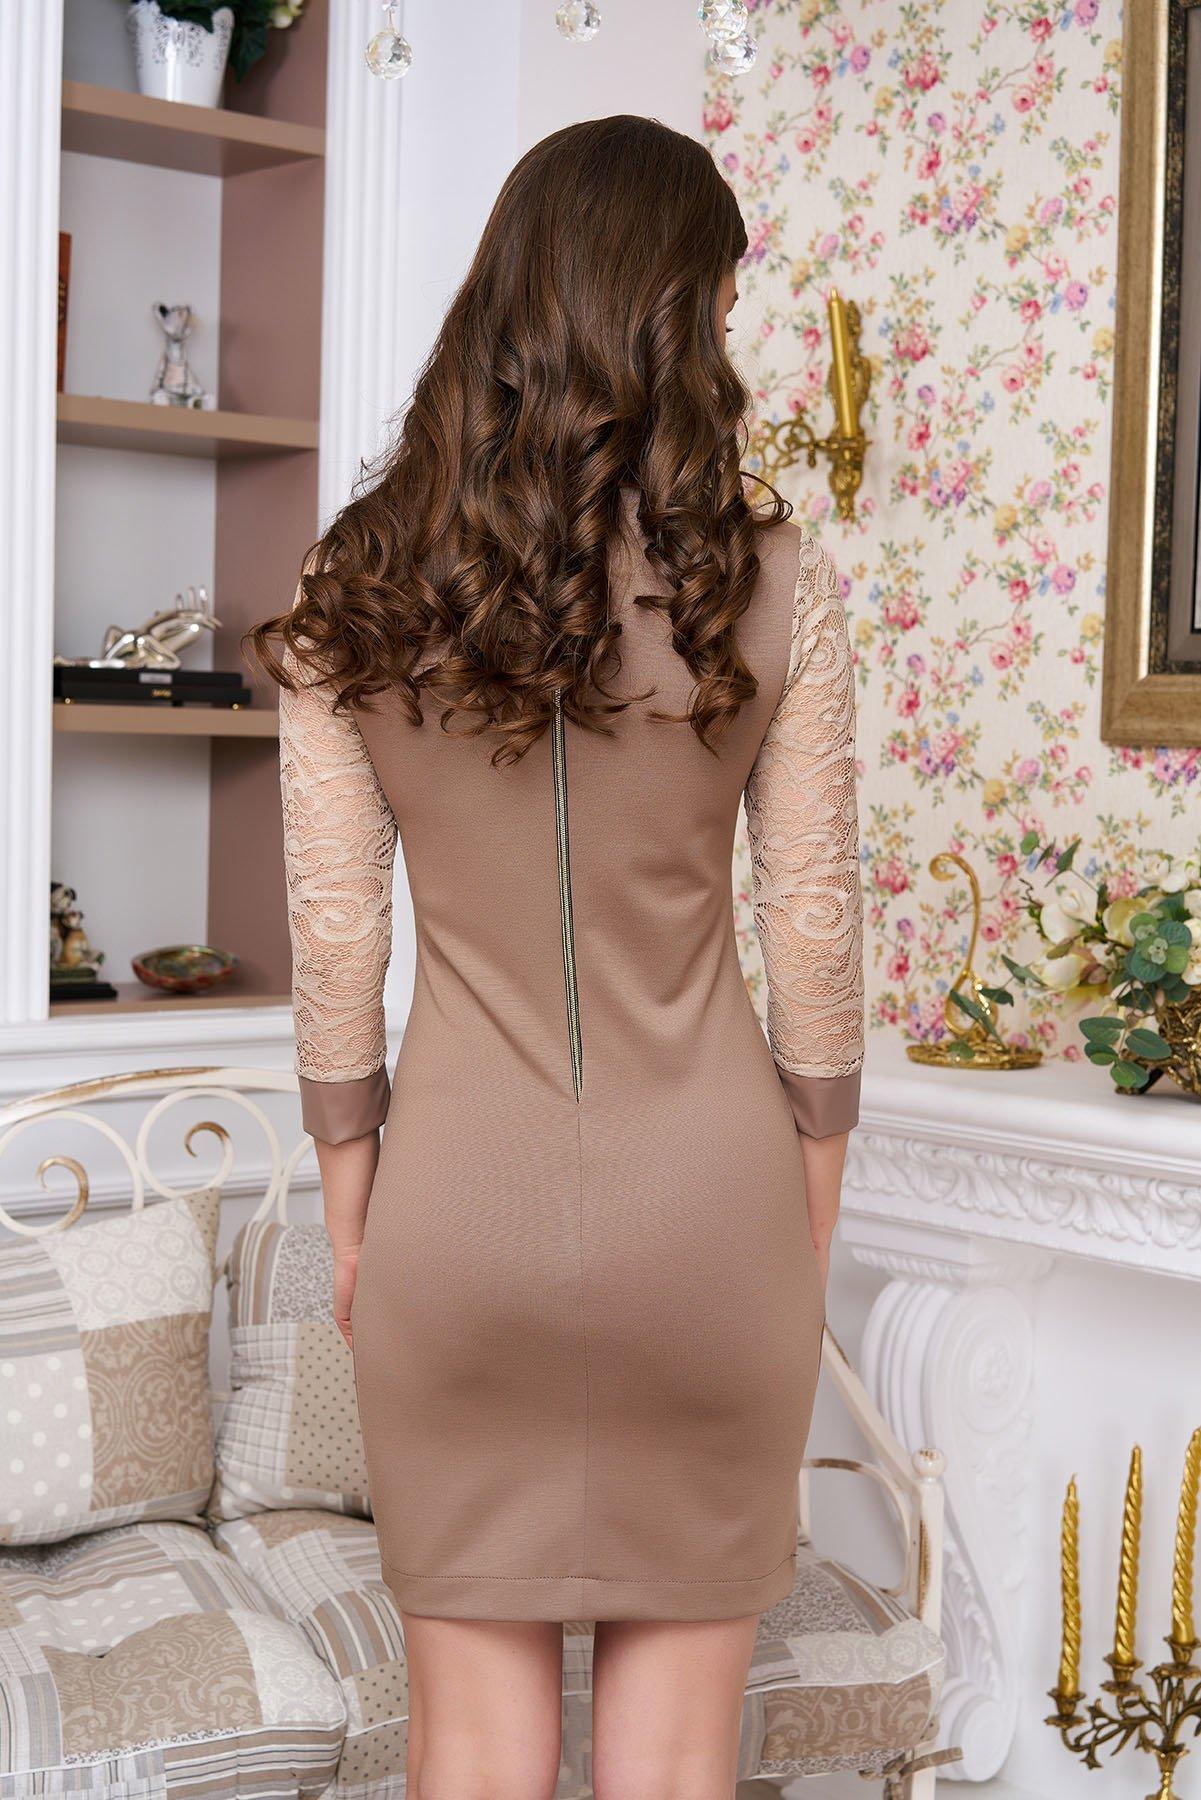 07dab73f14a074 Стильне жіноче бежеве плаття Сієнна - купити недорого — Donna Bella ...